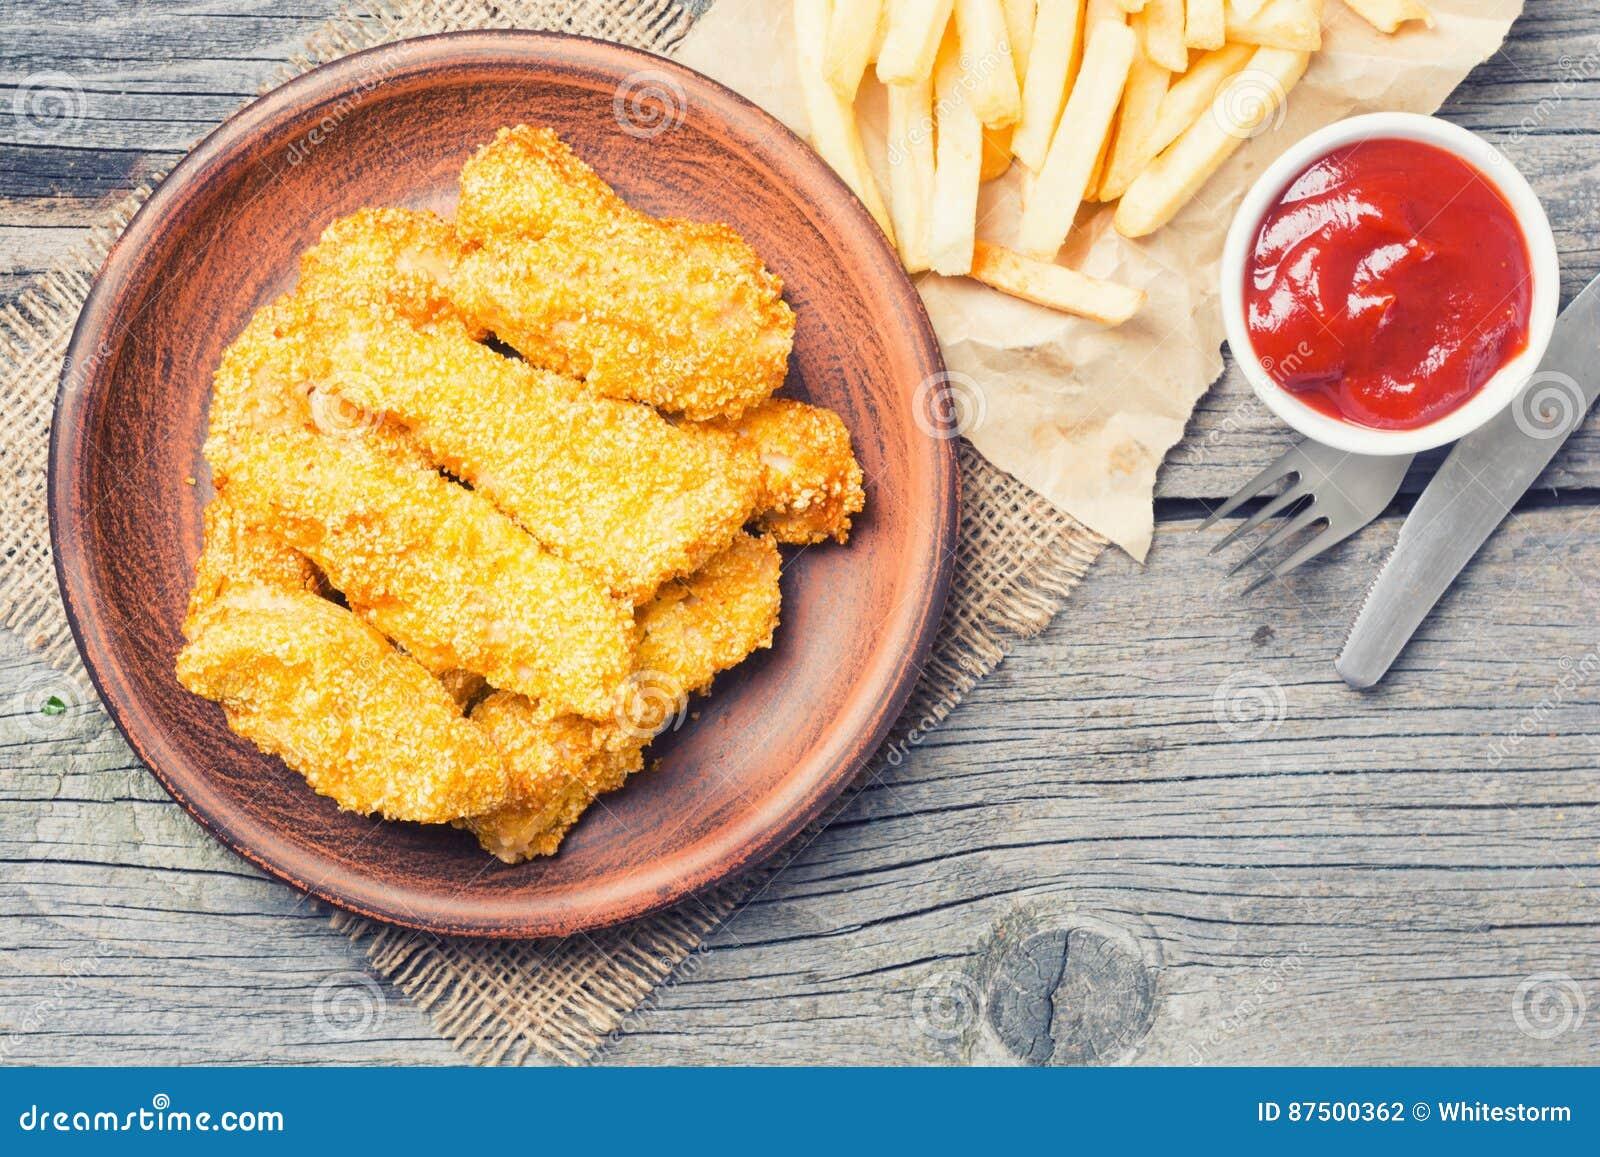 Bandes de poulet frit